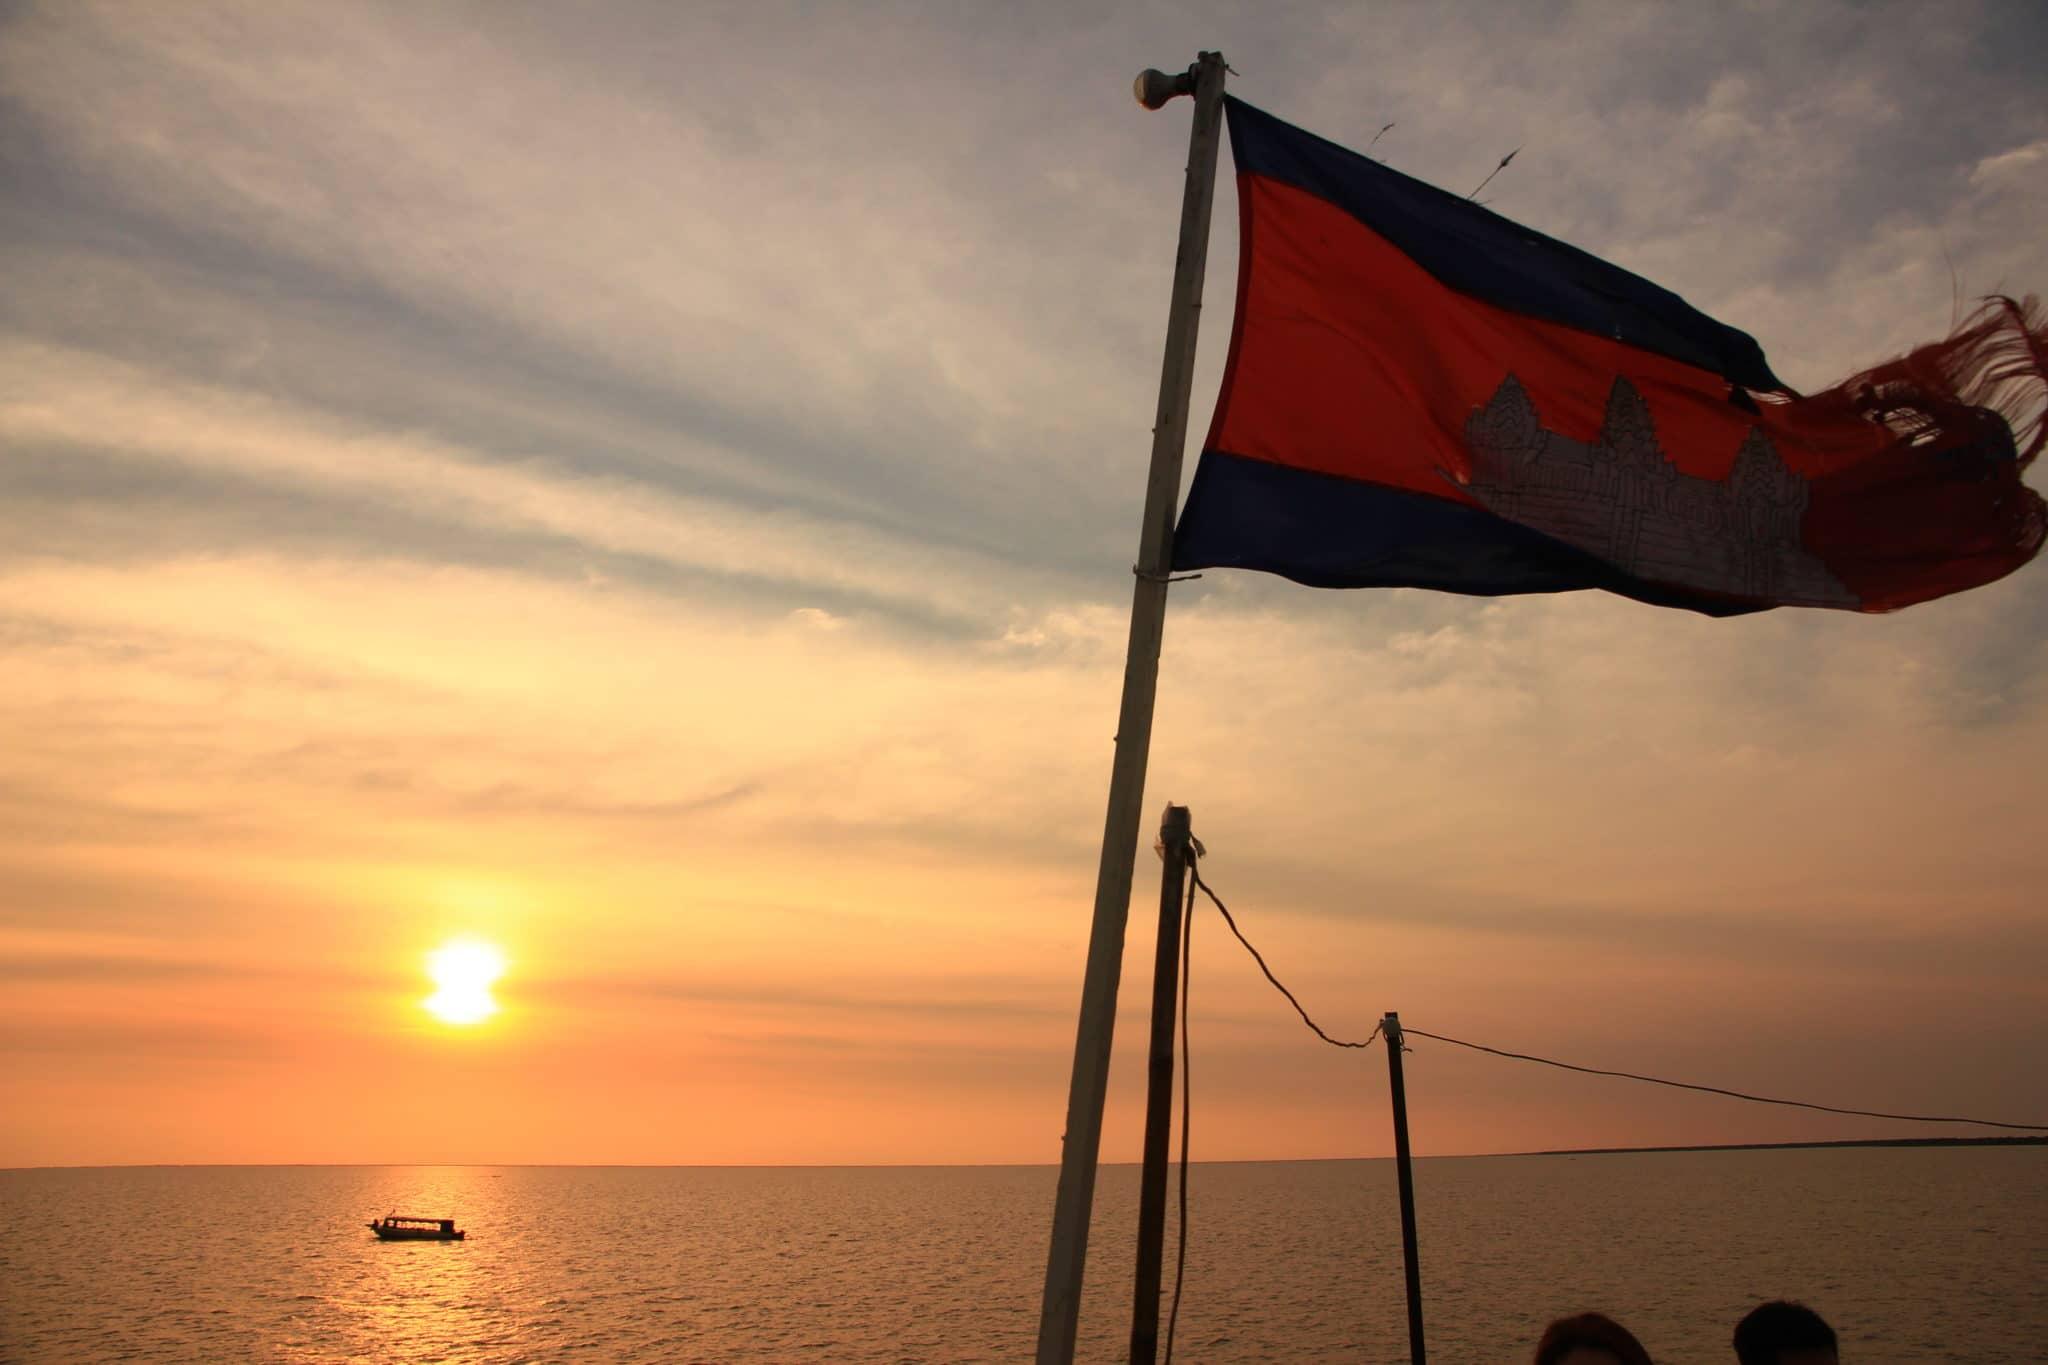 Sunset on the Tonle Sap Lake